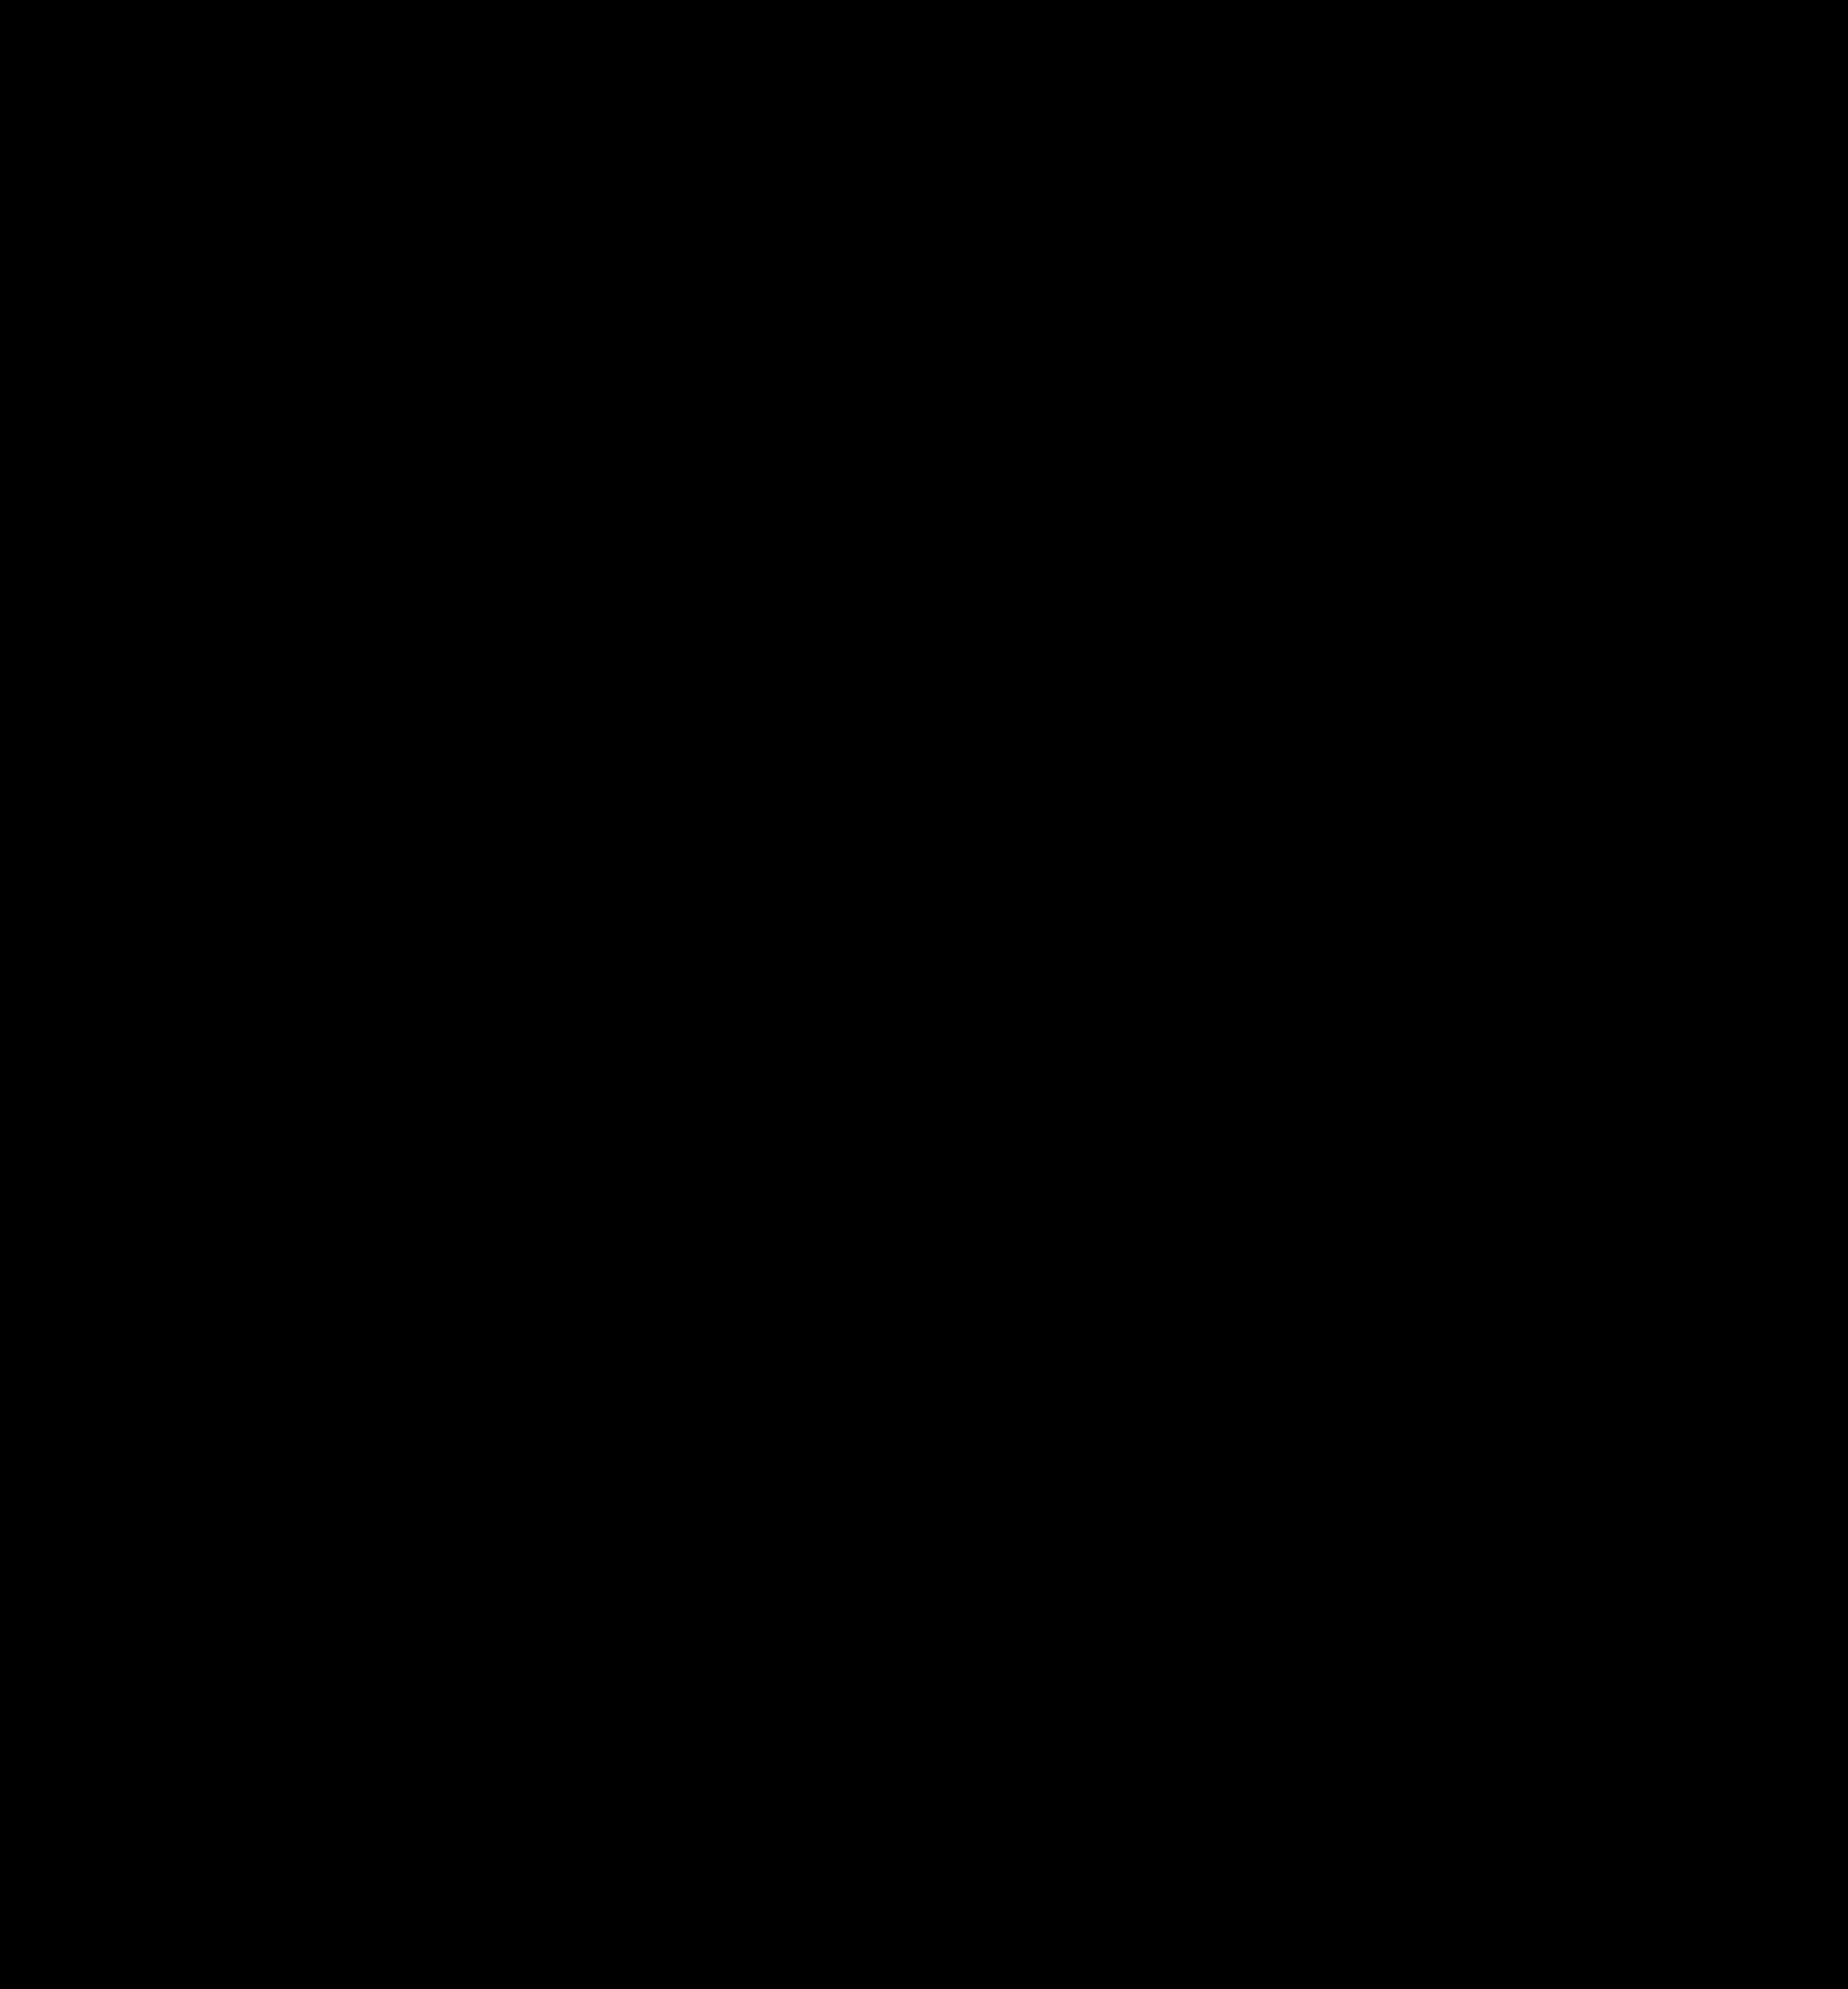 Clipart duck vector. Pekin big image png